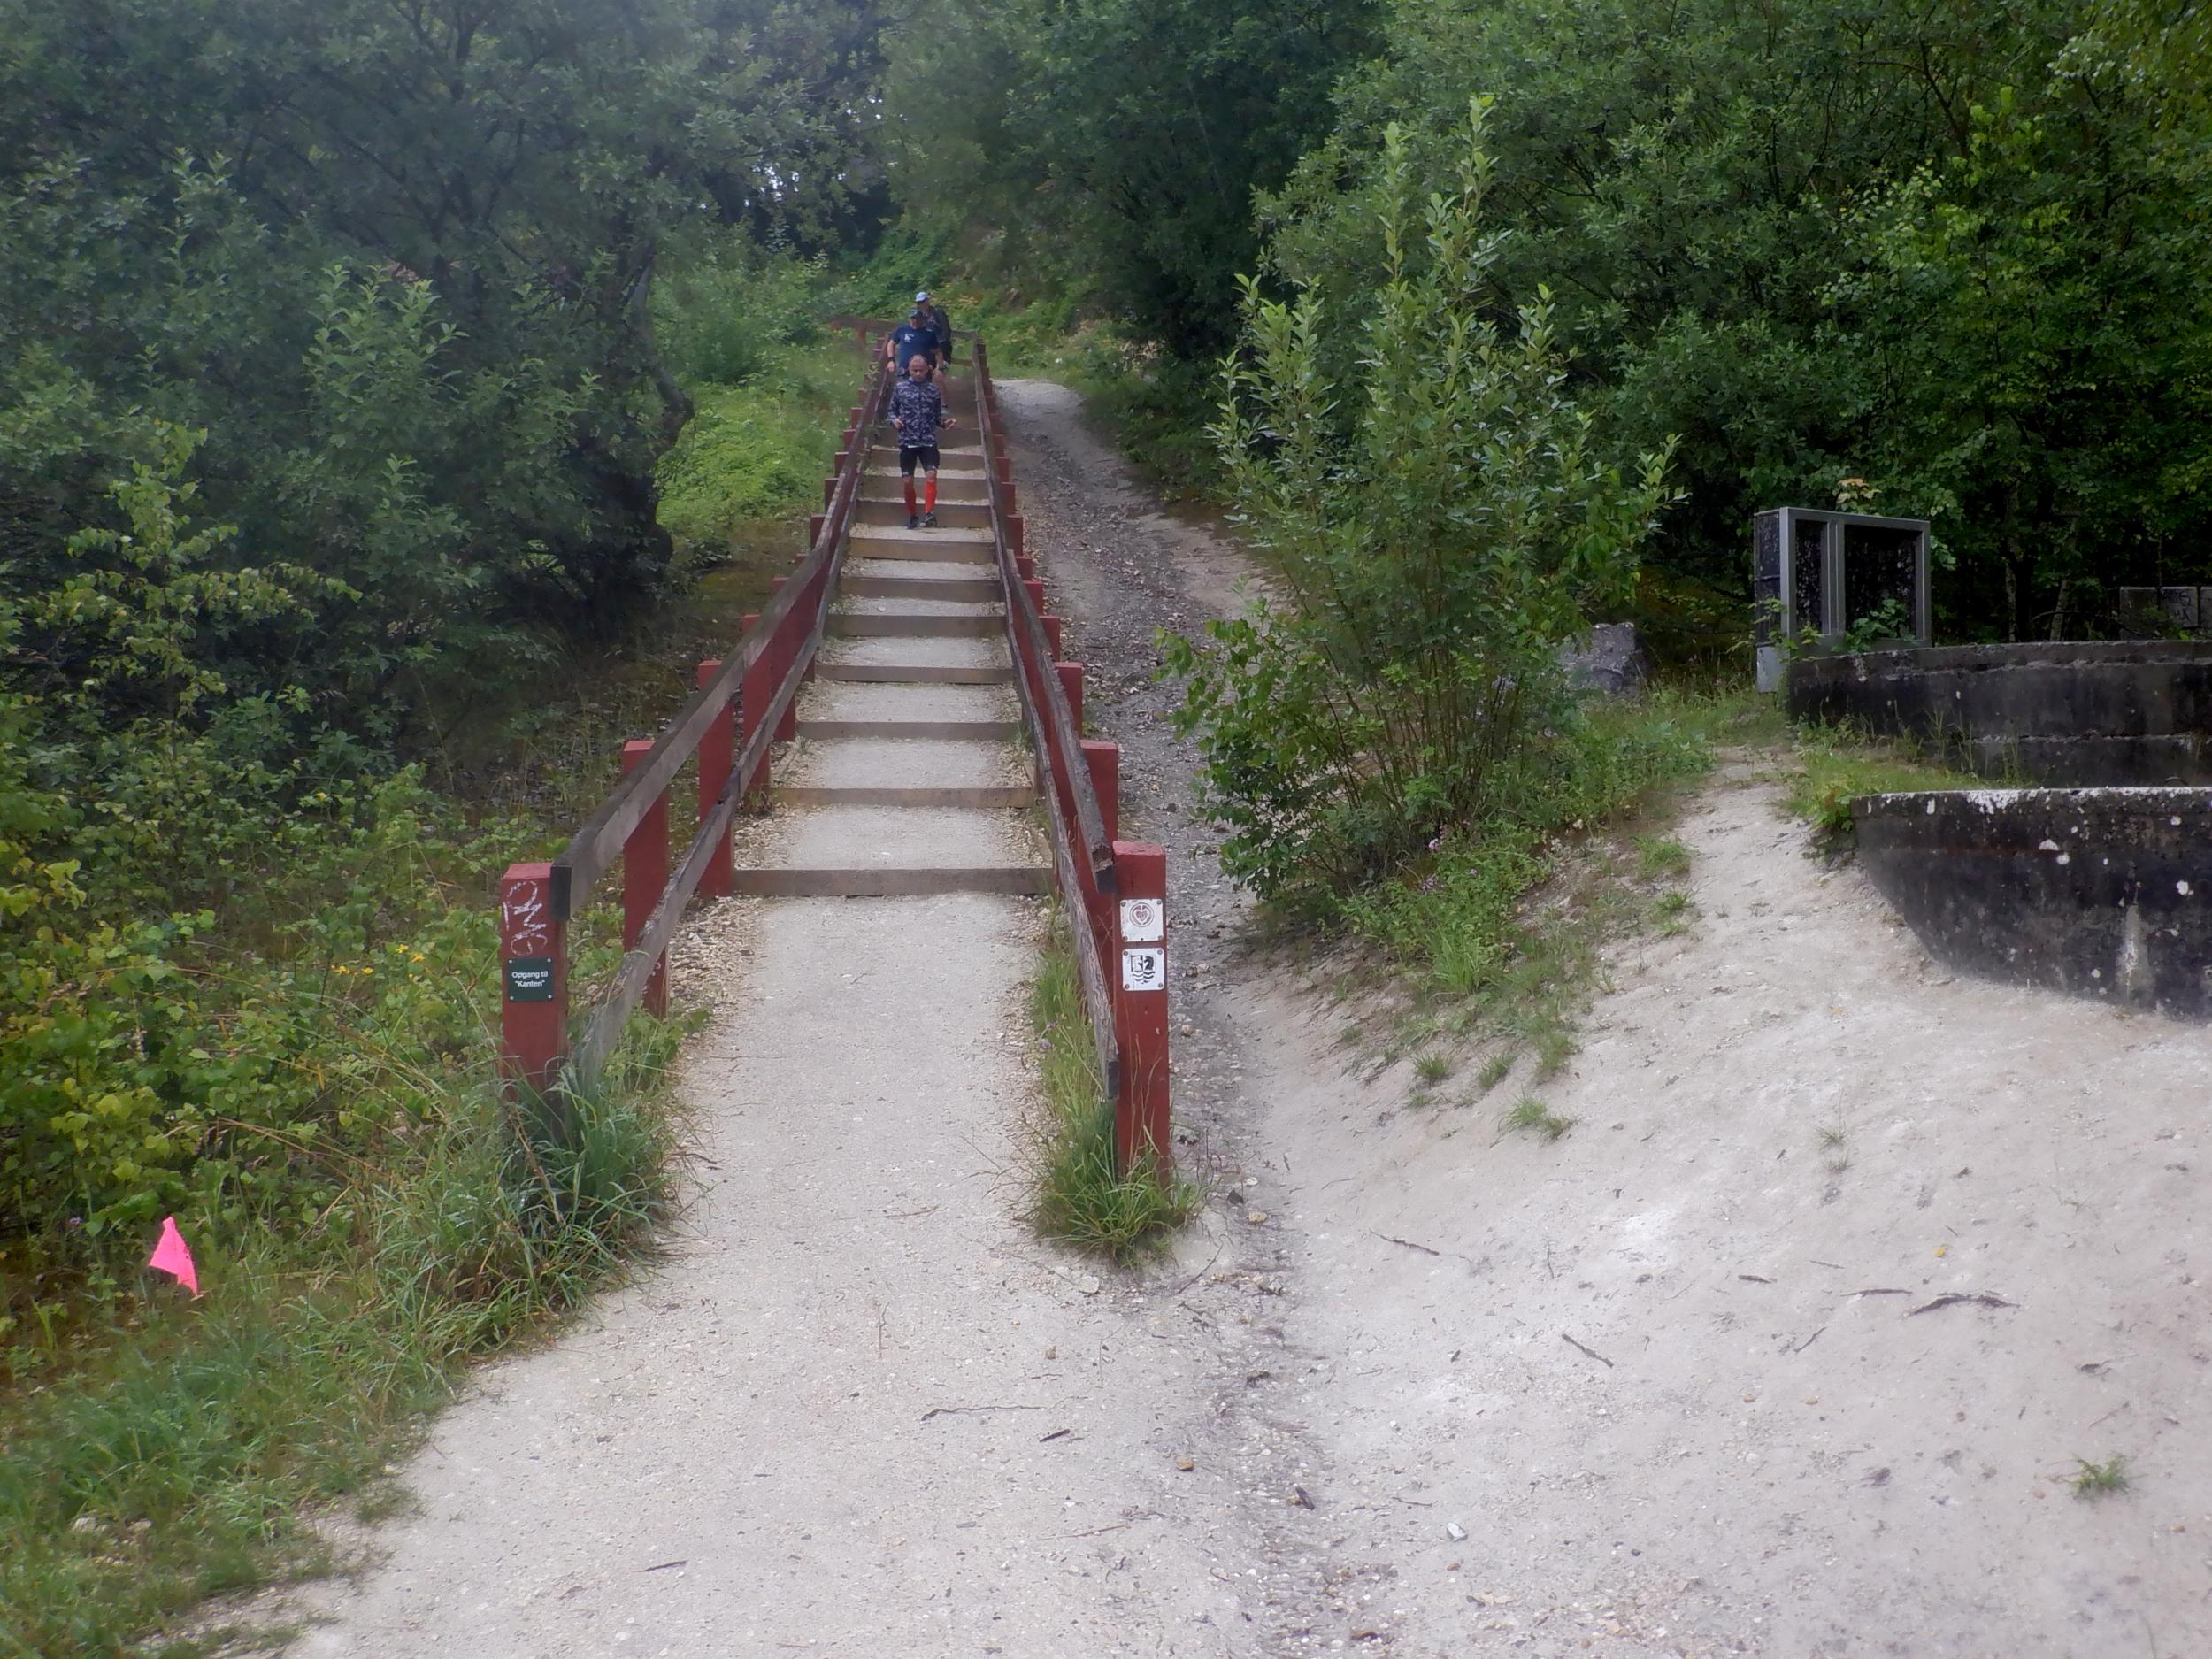 Naturtrappe ned i Faxe Kalkbrud. Et par løbere er på vej ned.